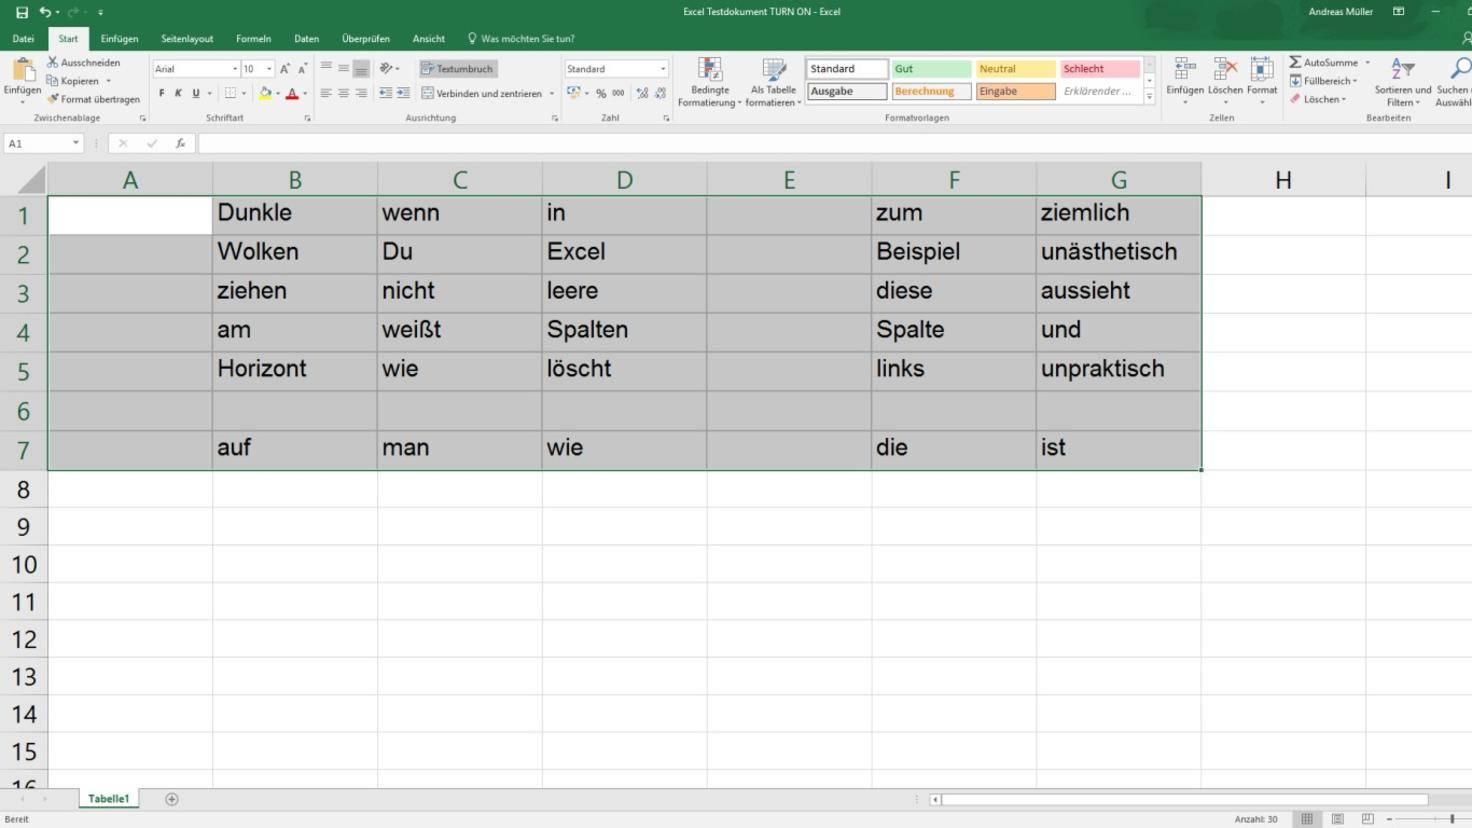 Excel Testdokument TURN ON.jpg